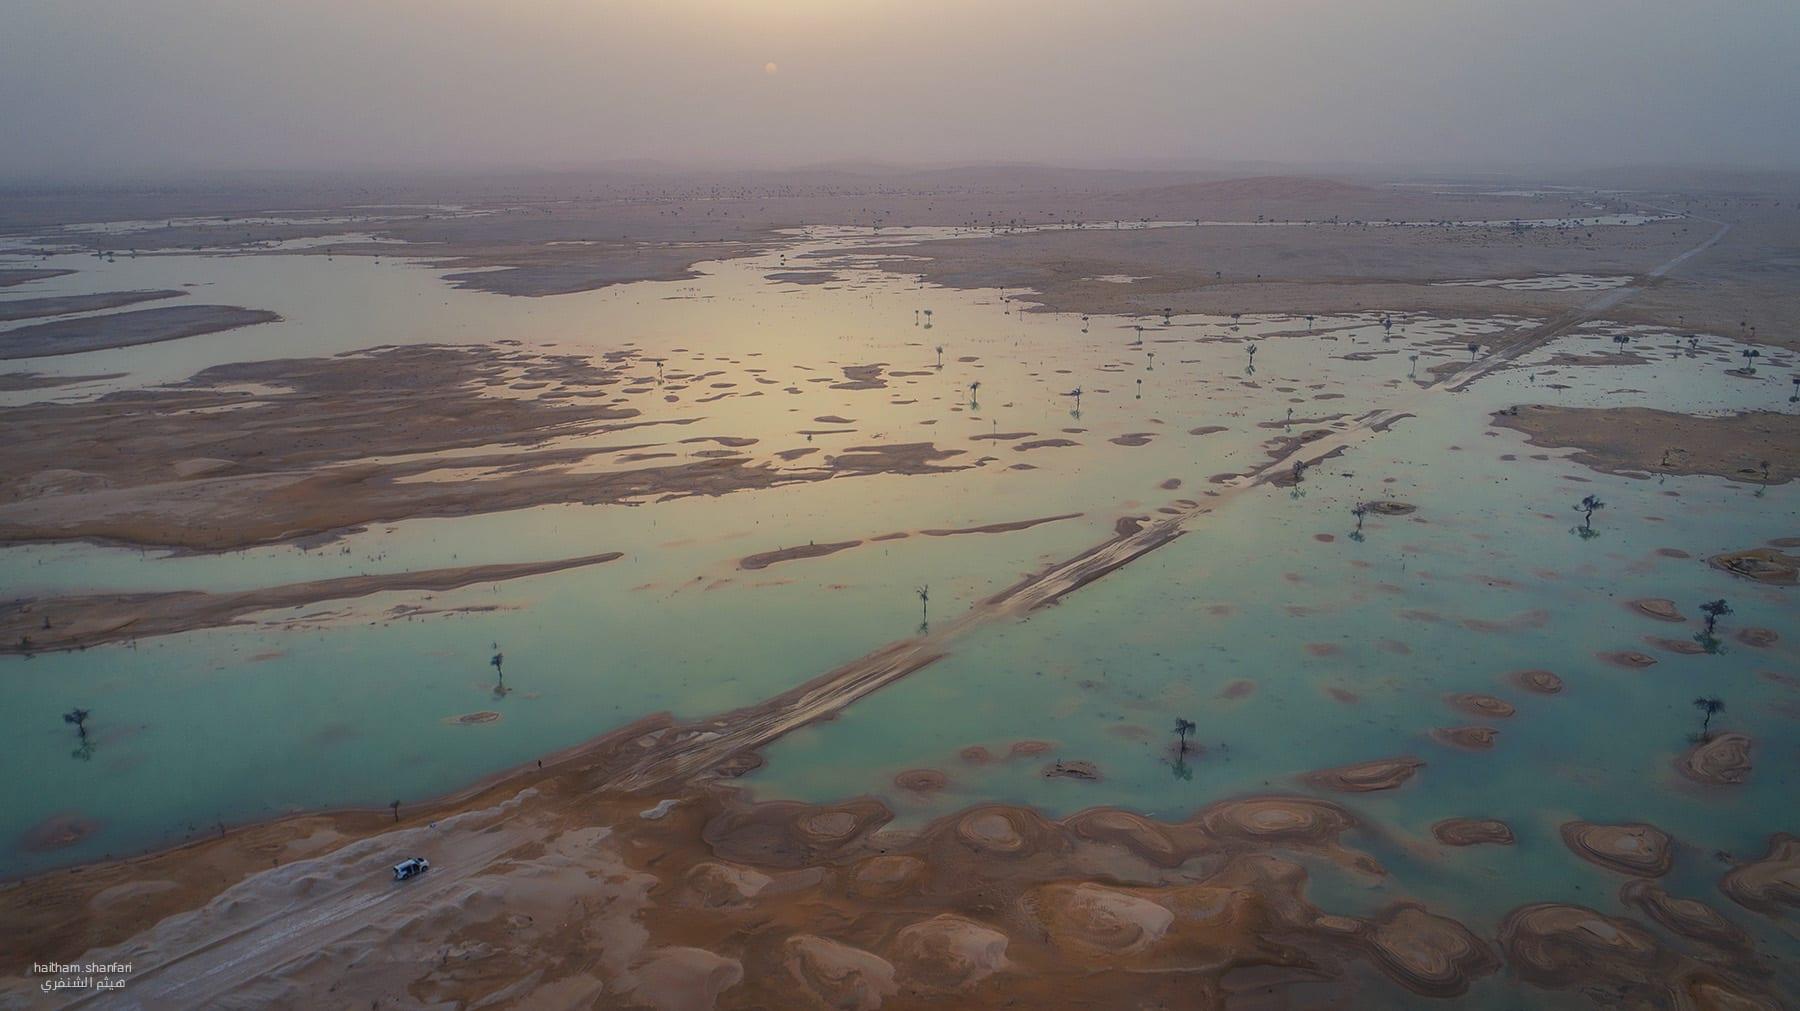 """صور تعكس """"اللوحة الفنية"""" لبحيرات في صحراء الربع الخالي"""